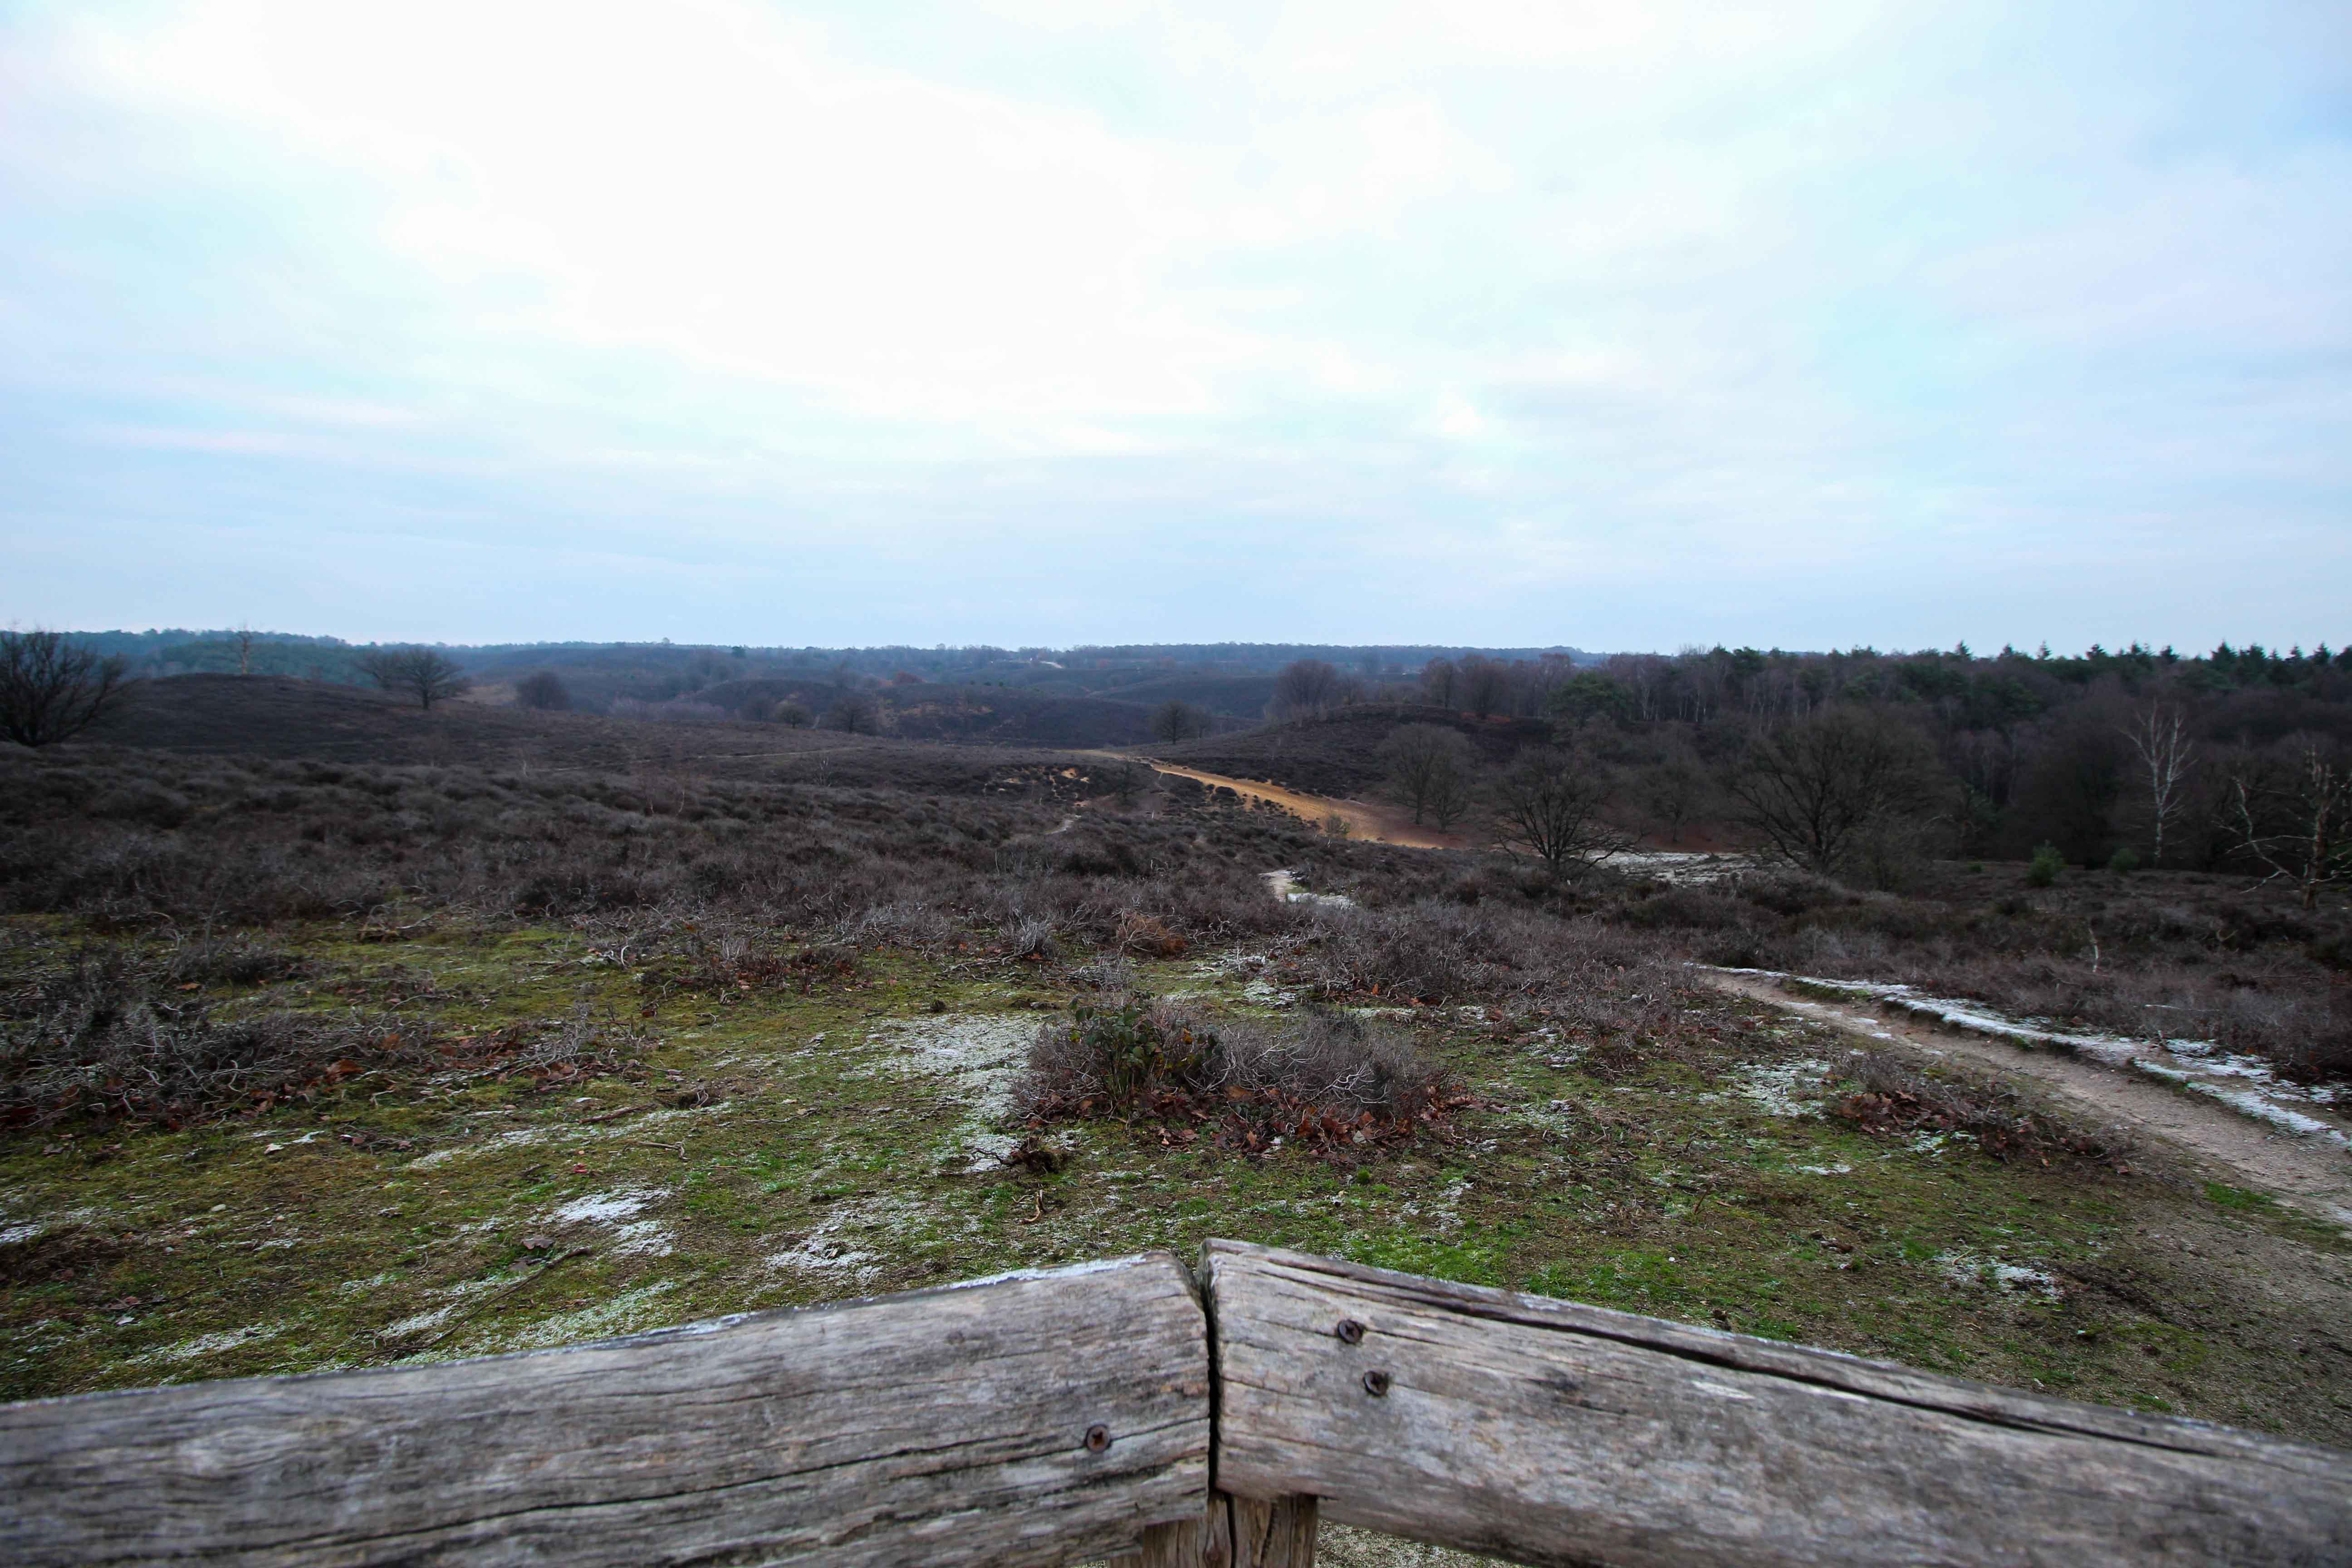 Wochenendtrip Holland das andere Holland Nationalpark Veluwe Transferium Posbank Natur Weide Reiseblog